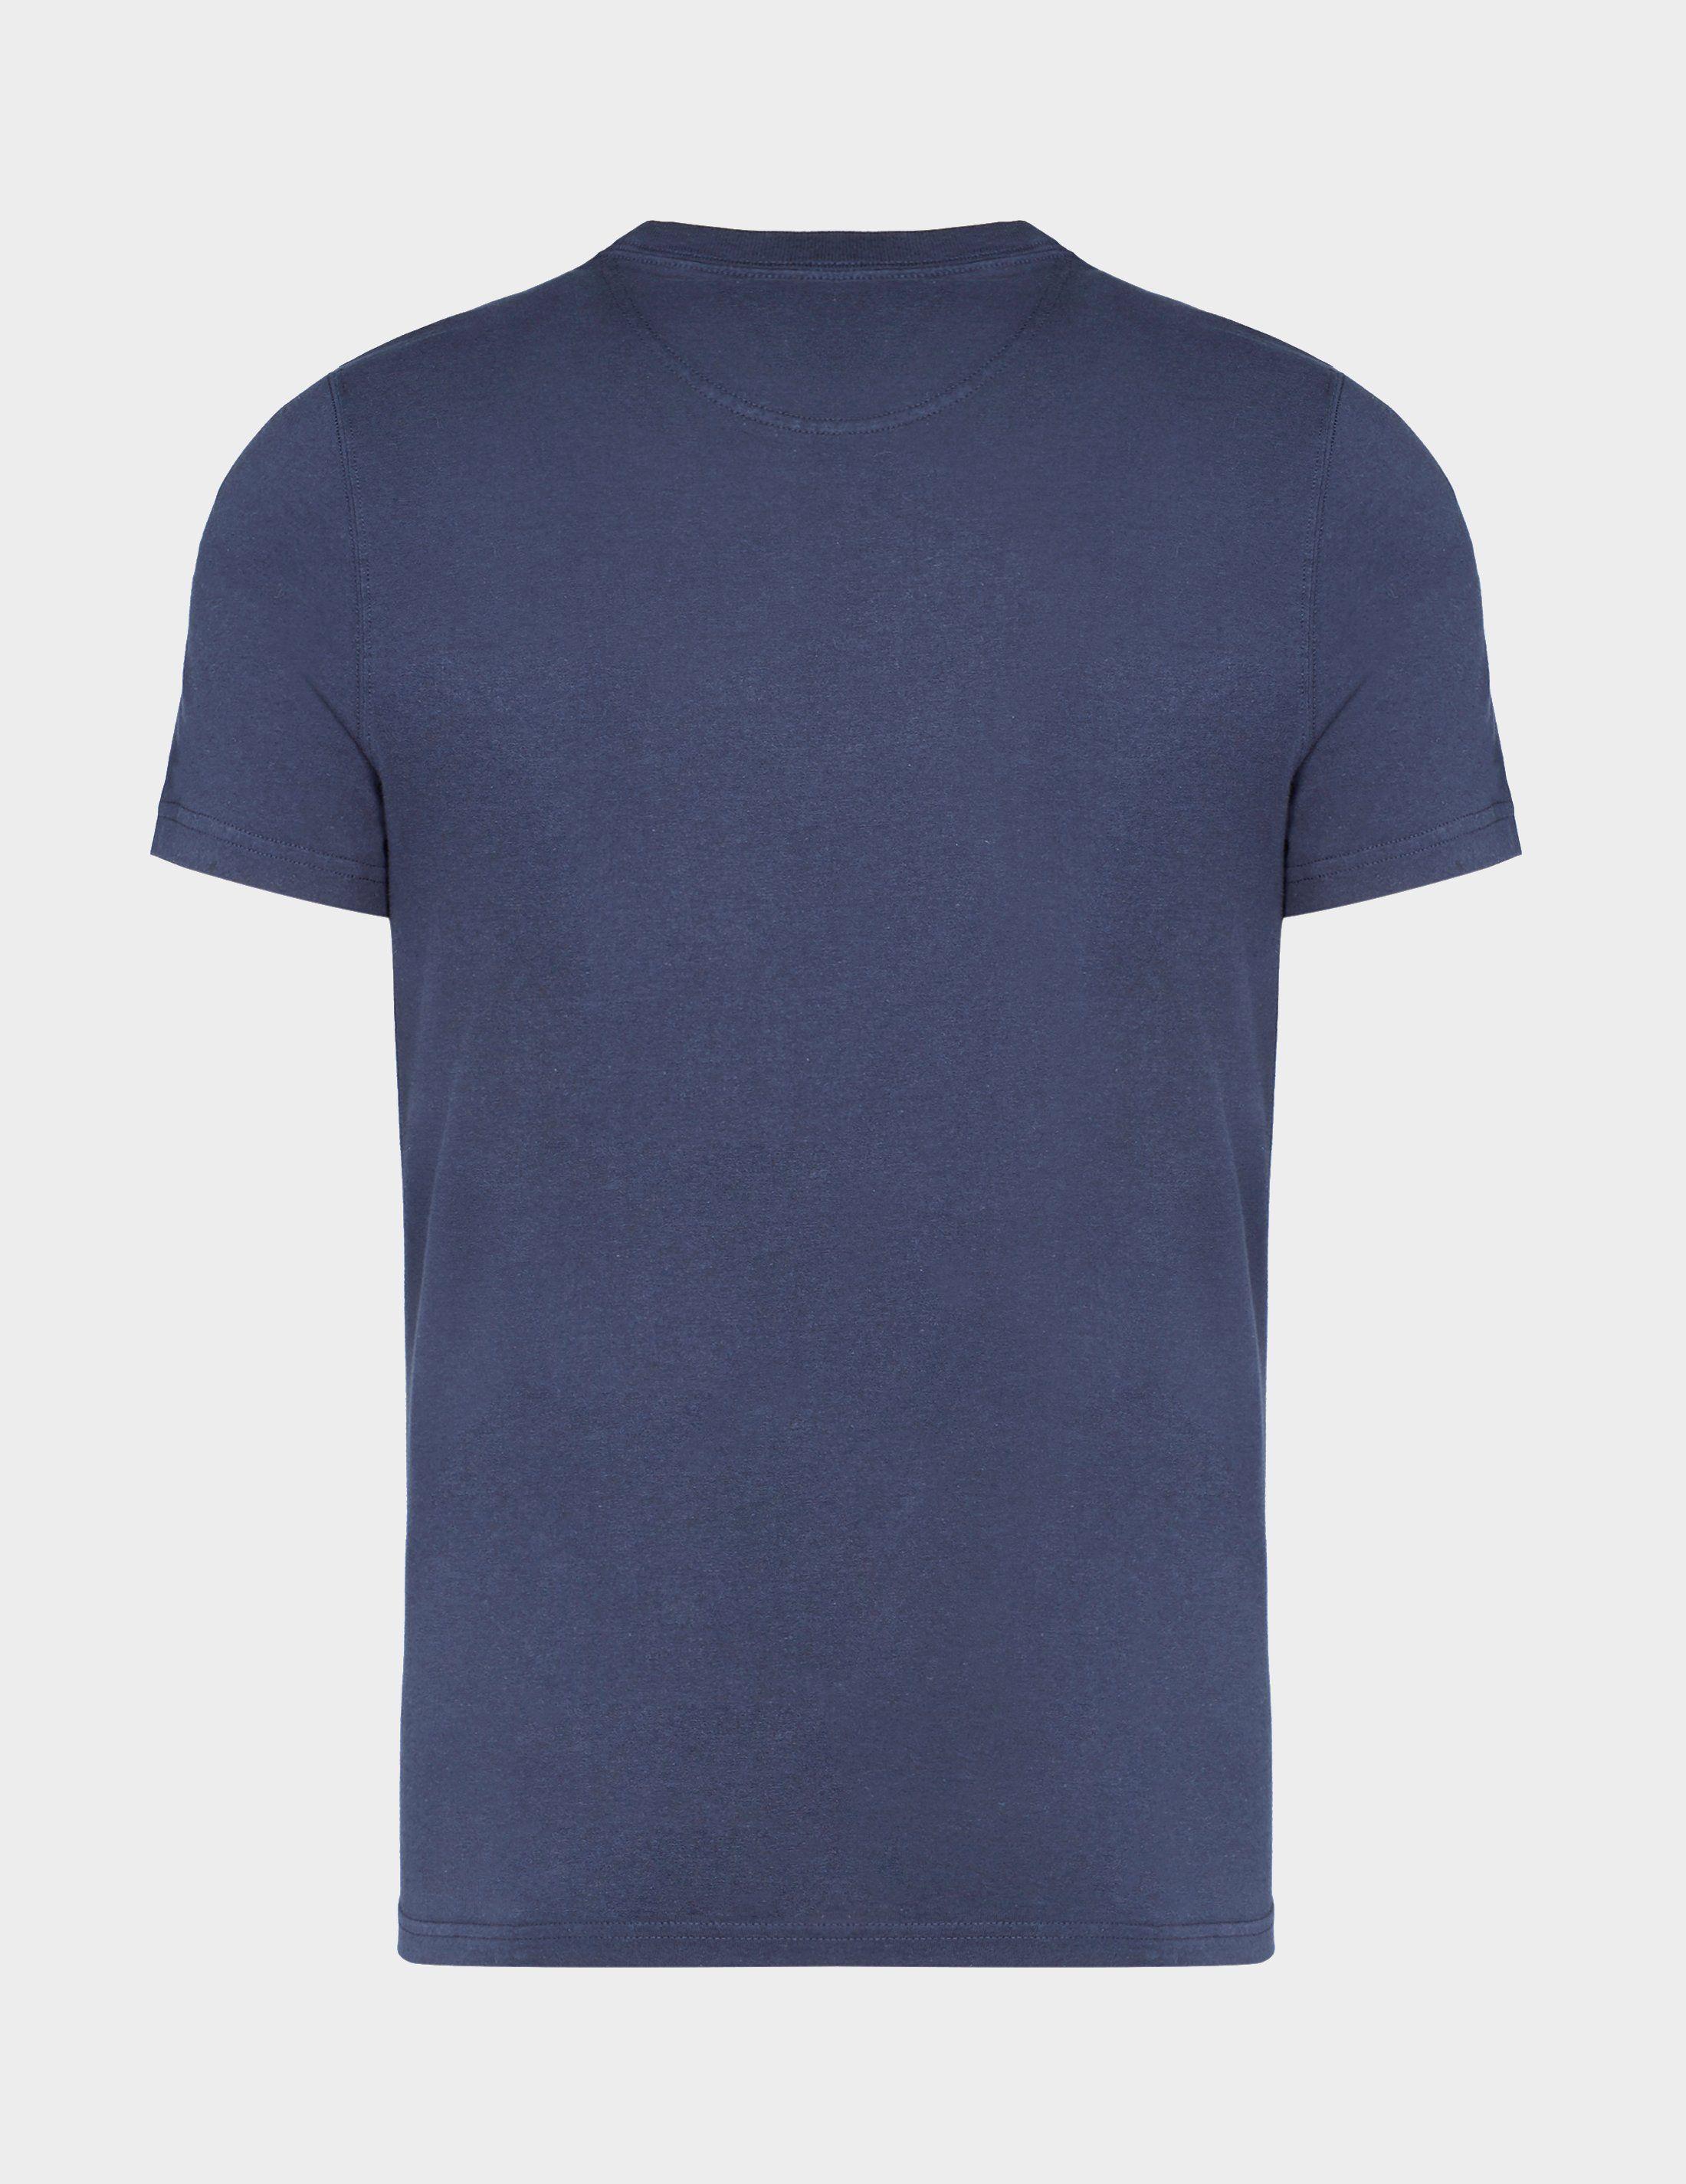 Barbour International Short Sleeve Block T-Shirt